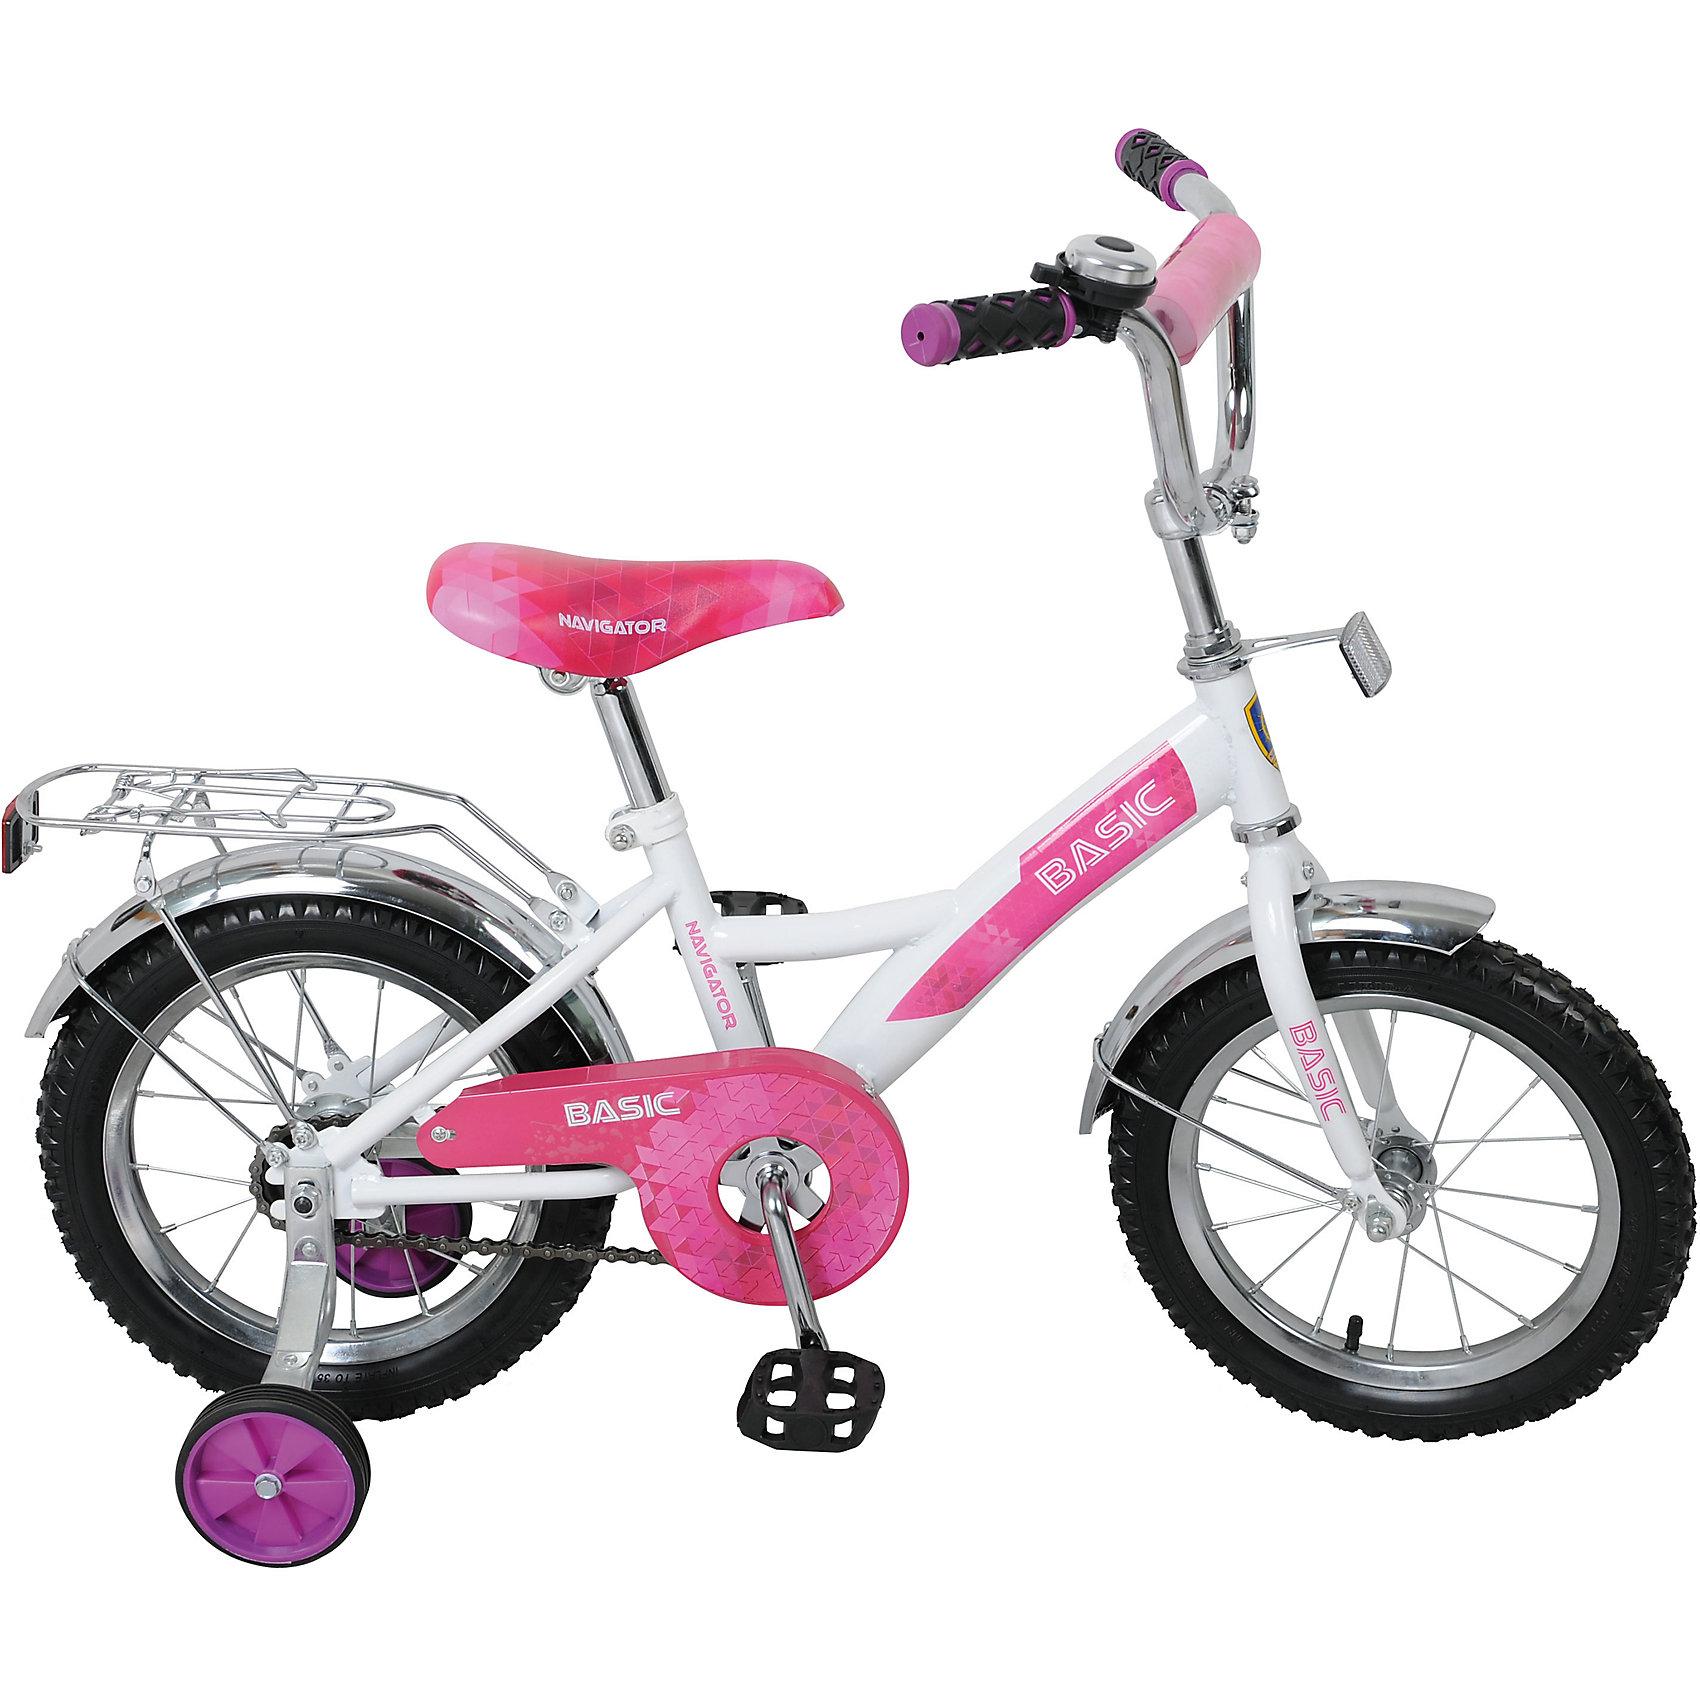 Двухколесный велосипед  Basic KITE, бело-фиолетовый, NavigatorВелосипеды детские<br>Двухколесный велосипед Basic KITE, бело-фиолетовый, Navigator (Навигатор)<br><br>Характеристики:<br><br>• съемные, широкие страховочные колеса<br>• руль с мягкой накладкой<br>• звонок<br>• багажник<br>• регулируемая высота сиденья и руля<br>• односоставной шатун<br>• колеса из прочной резины<br>• диаметр колес: 14 дюймов<br>• ножной задний тормоз<br>• защита цепи<br>• стальная рама<br>• рост ребенка: 100-120 см<br>• материал: металл, пластик, резина<br>• размер упаковки: 17х36х80 см<br>• вес: 9,8 кг<br>• цвет: бело-фиолетовый<br><br>Двухколесный велосипед Basic KITE отлично подойдет для девочек, которые только начинают учиться кататься на велосипеде. Широкие страховочные колеса помогут предотвратить падение во время первых поездок. Рама велосипеда изготовлена из стали. Колеса диаметром 14 дюймов выполнены из качественной резины. <br><br>Велосипед оснащен защитой цепи и ножным задним тормозом. Звонок и багажник станут приятным дополнением для юной водительницы. Высоту сидения и руль можно отрегулировать для удобства ребенка. Сиденье оформлено красивым рисунком, который непременно порадует начинающую велосипедистку.<br><br>Двухколесный велосипед Basic KITE, бело-фиолетовый, Navigator (Навигатор) вы можете купить в нашем интернет-магазине.<br><br>Ширина мм: 800<br>Глубина мм: 360<br>Высота мм: 170<br>Вес г: 9800<br>Возраст от месяцев: 48<br>Возраст до месяцев: 2147483647<br>Пол: Женский<br>Возраст: Детский<br>SKU: 5440872